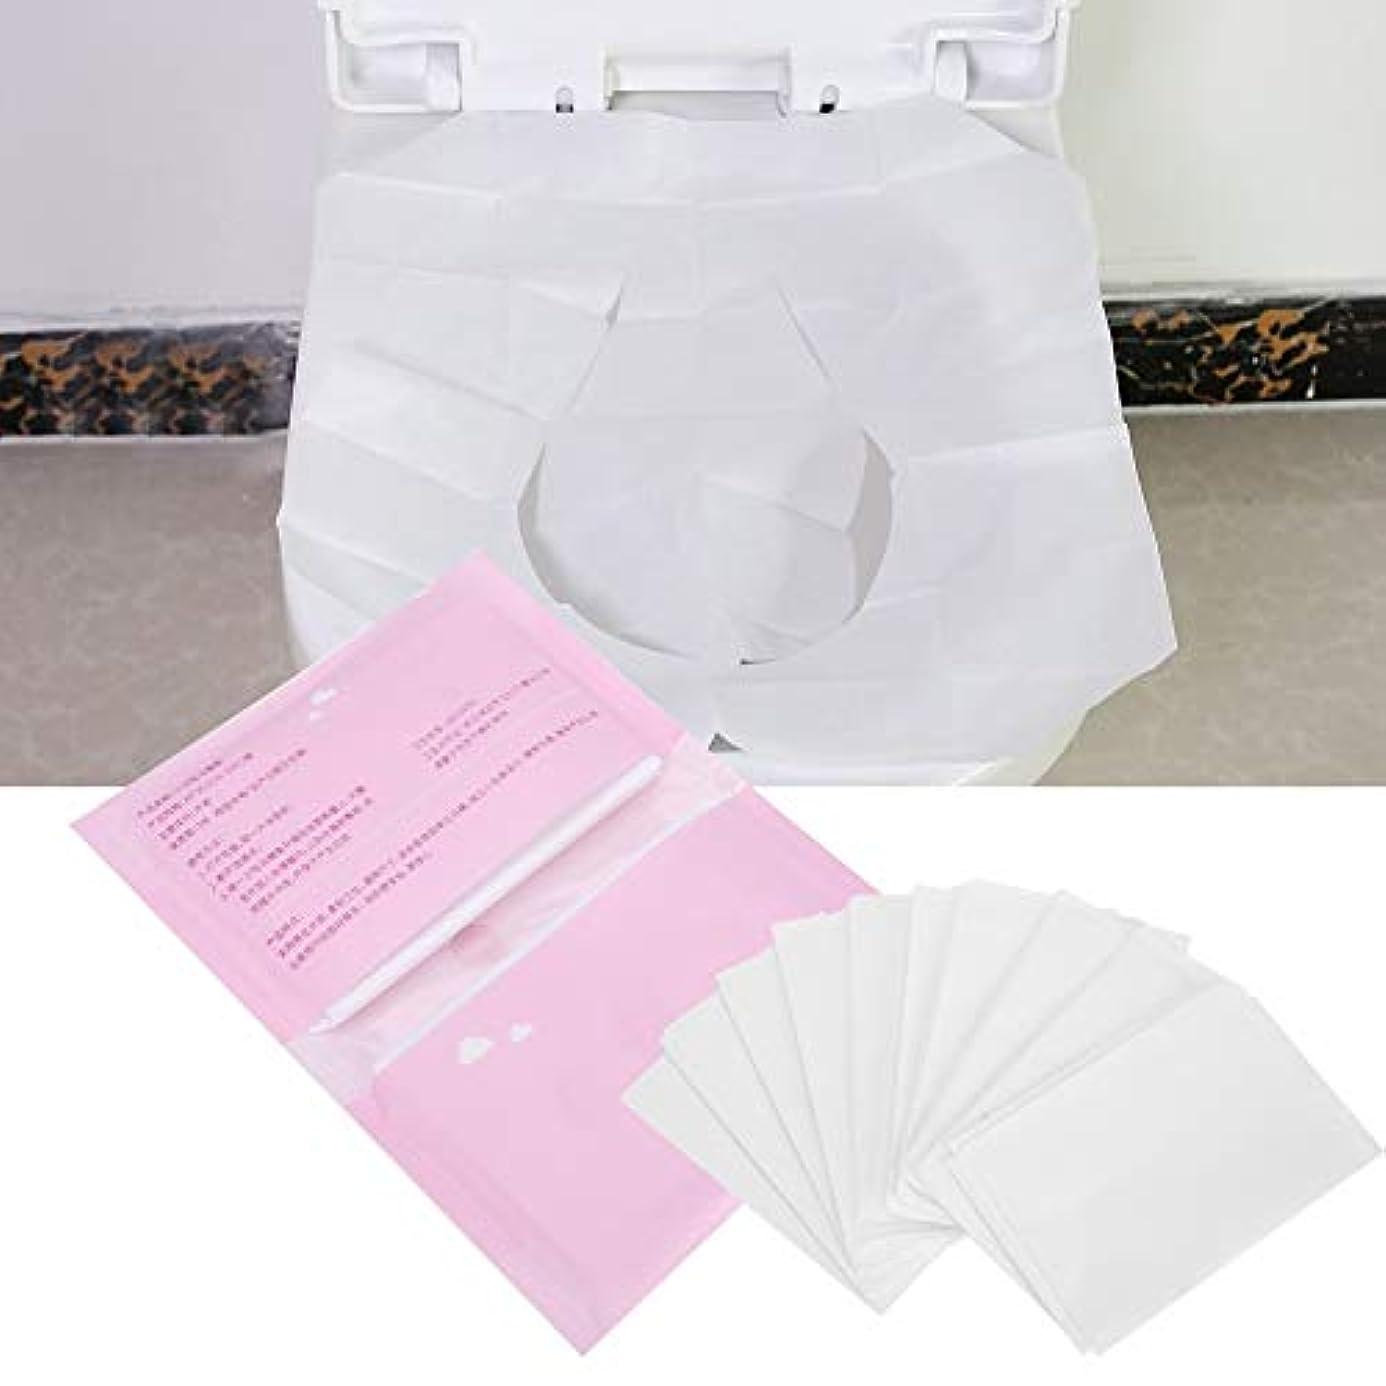 きれいに優勢代替トイレットシートペーパー、旅行のための5つの袋の使い捨て可能な分解可能なトイレットペーパーペーパー、10pices / bag